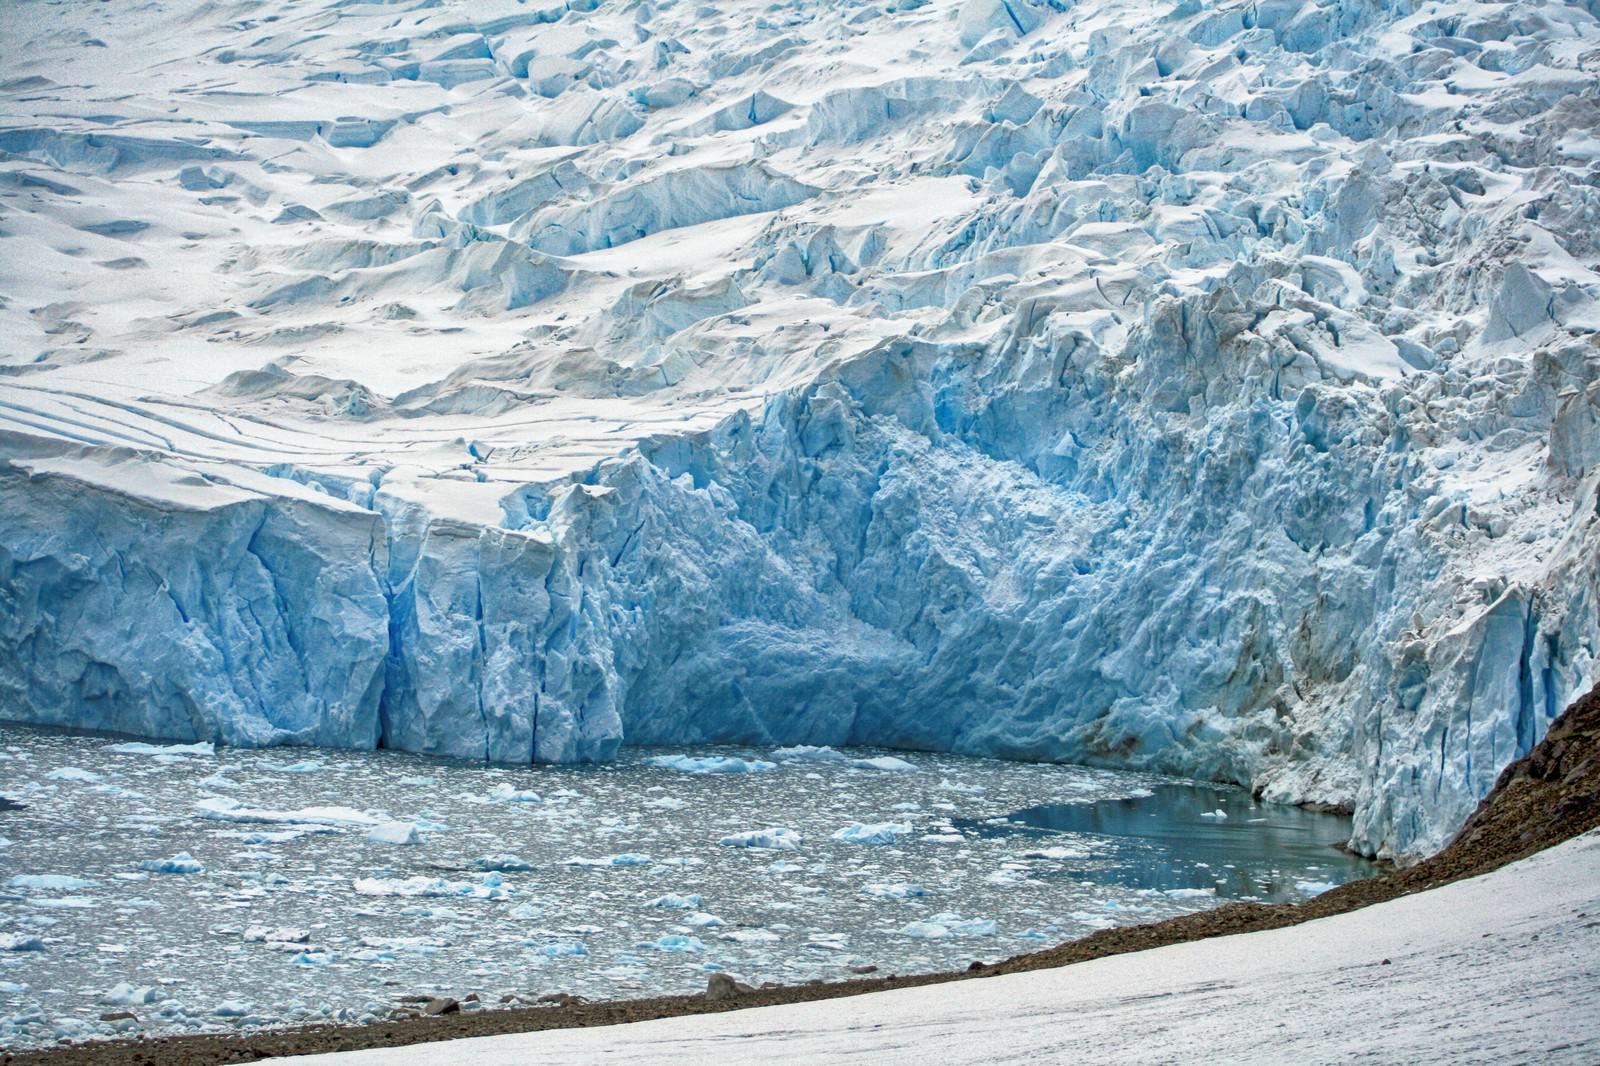 「ニコハーバーの巨大氷河ニコハーバーの巨大氷河」のフリー写真素材を拡大